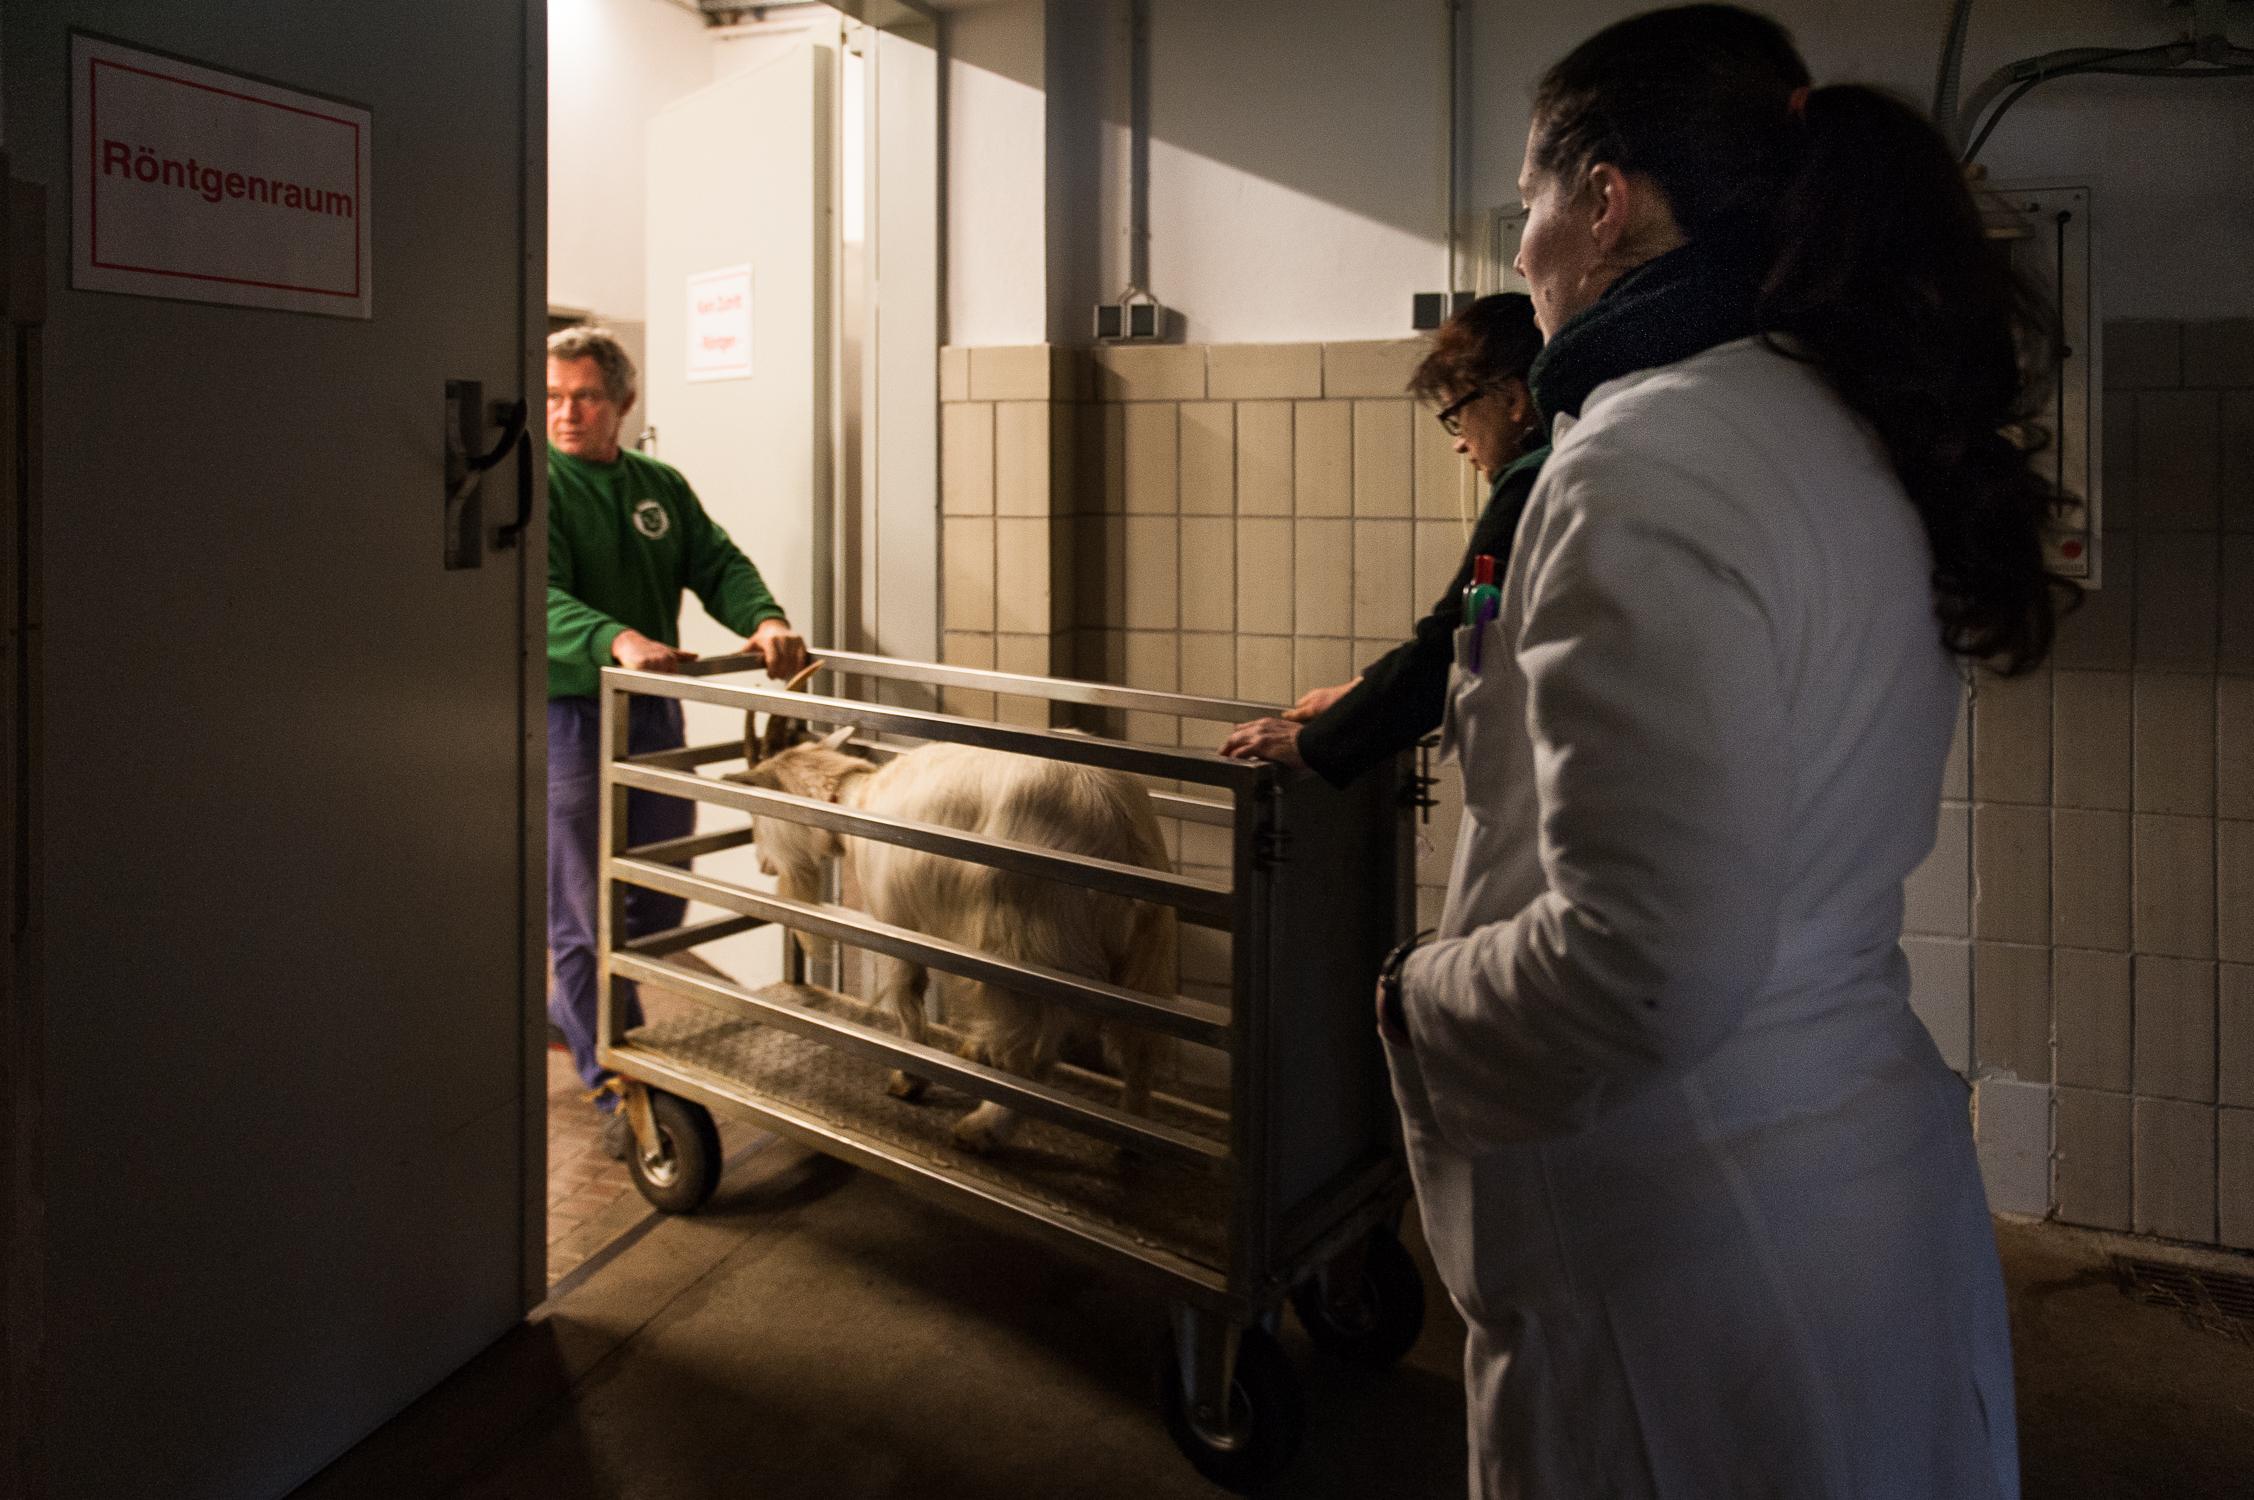 201303 Goat Hospital 14.jpg